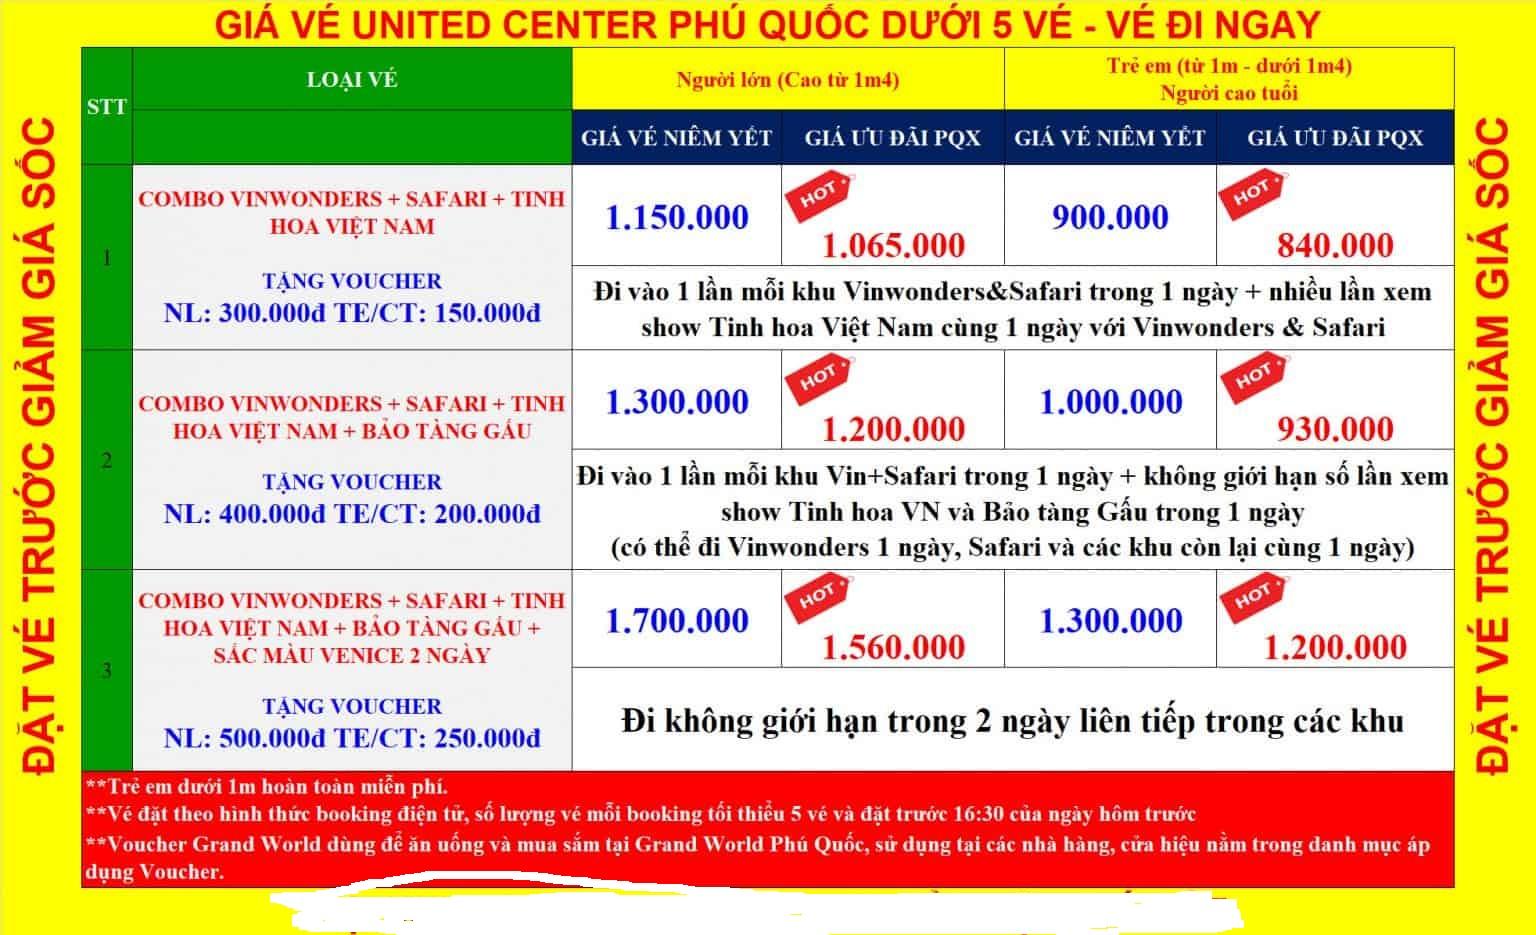 giá vé united phú quốc